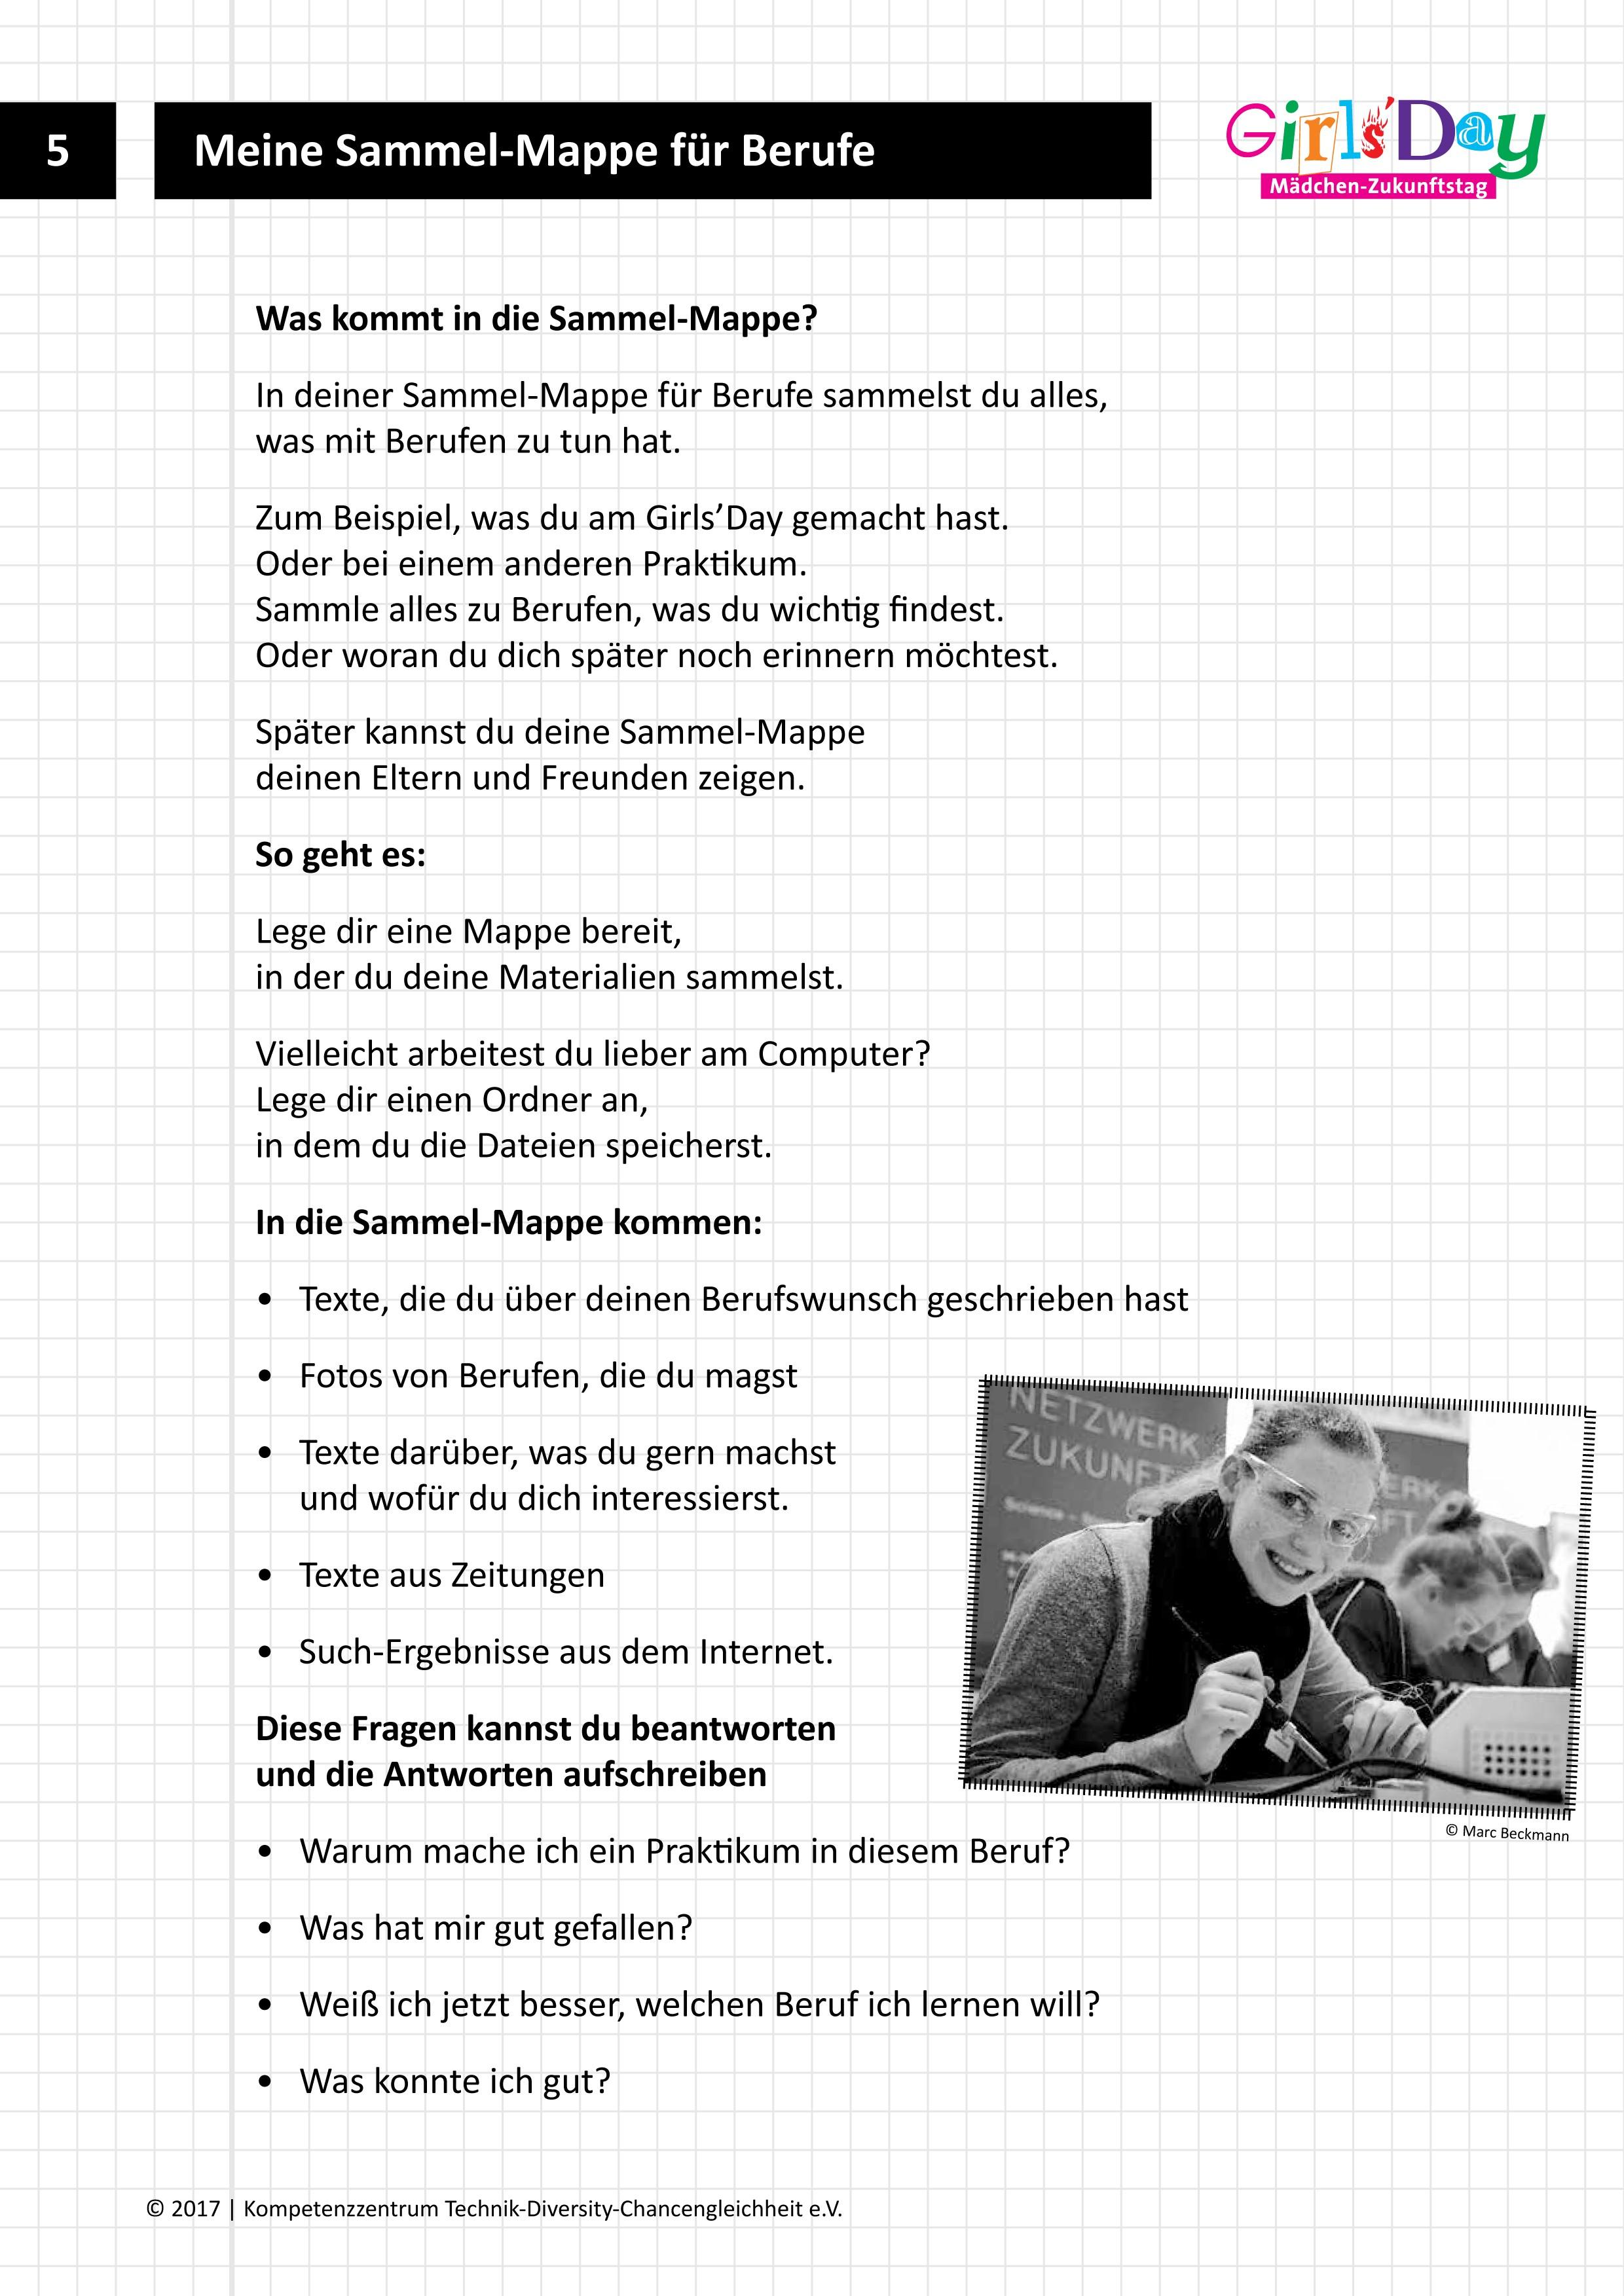 Girls'Day-Unterrichtsmaterialien - Arbeitsblätter Leichte Sprache